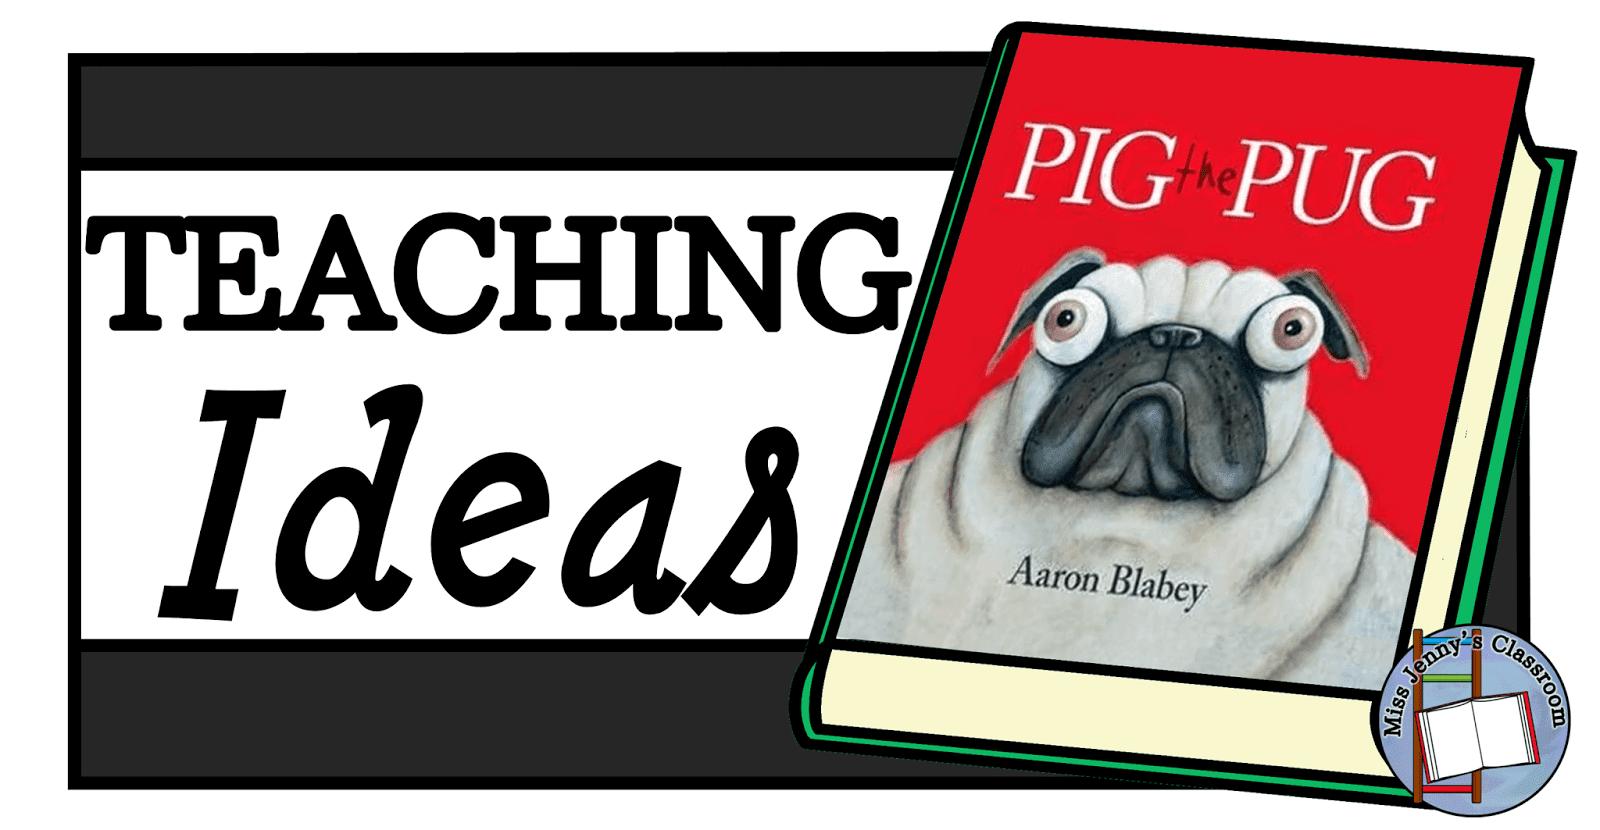 Pig The Pug Teaching Ideas